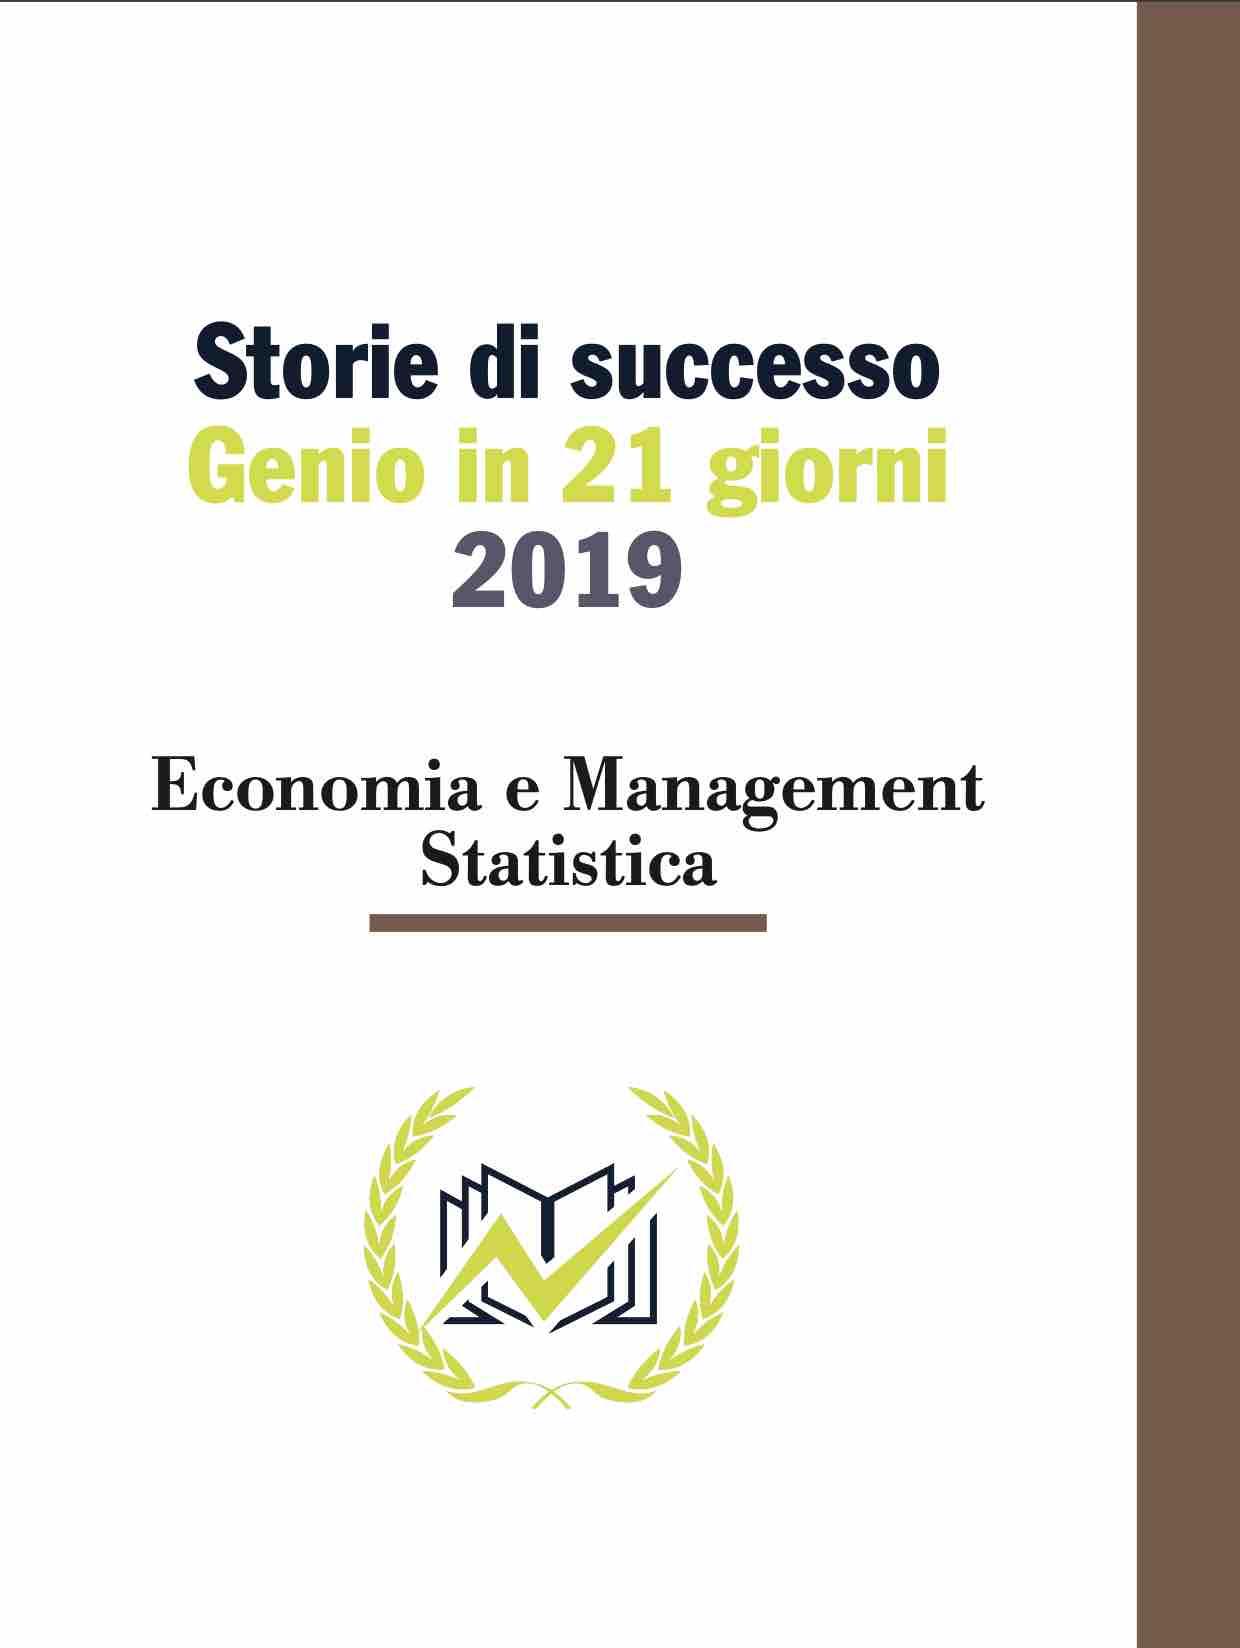 Testimonianze Genio in 21 Giorni conomia e Management, Statistica